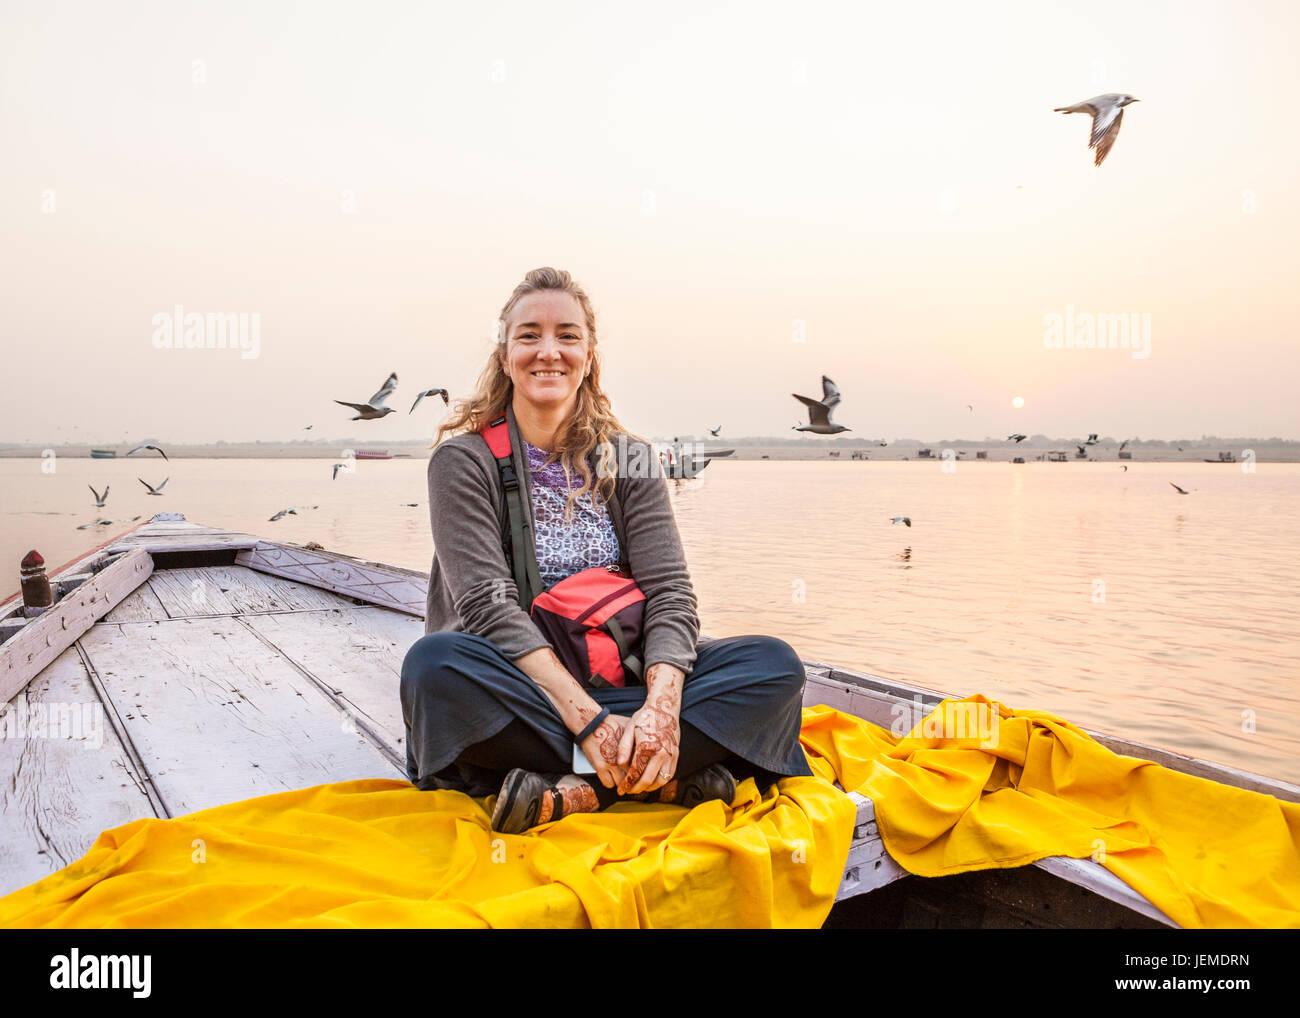 Retrato de una mujer turista viajando en un bote de remos en el río Ganges en Varanasi, India al amanecer. Imagen De Stock